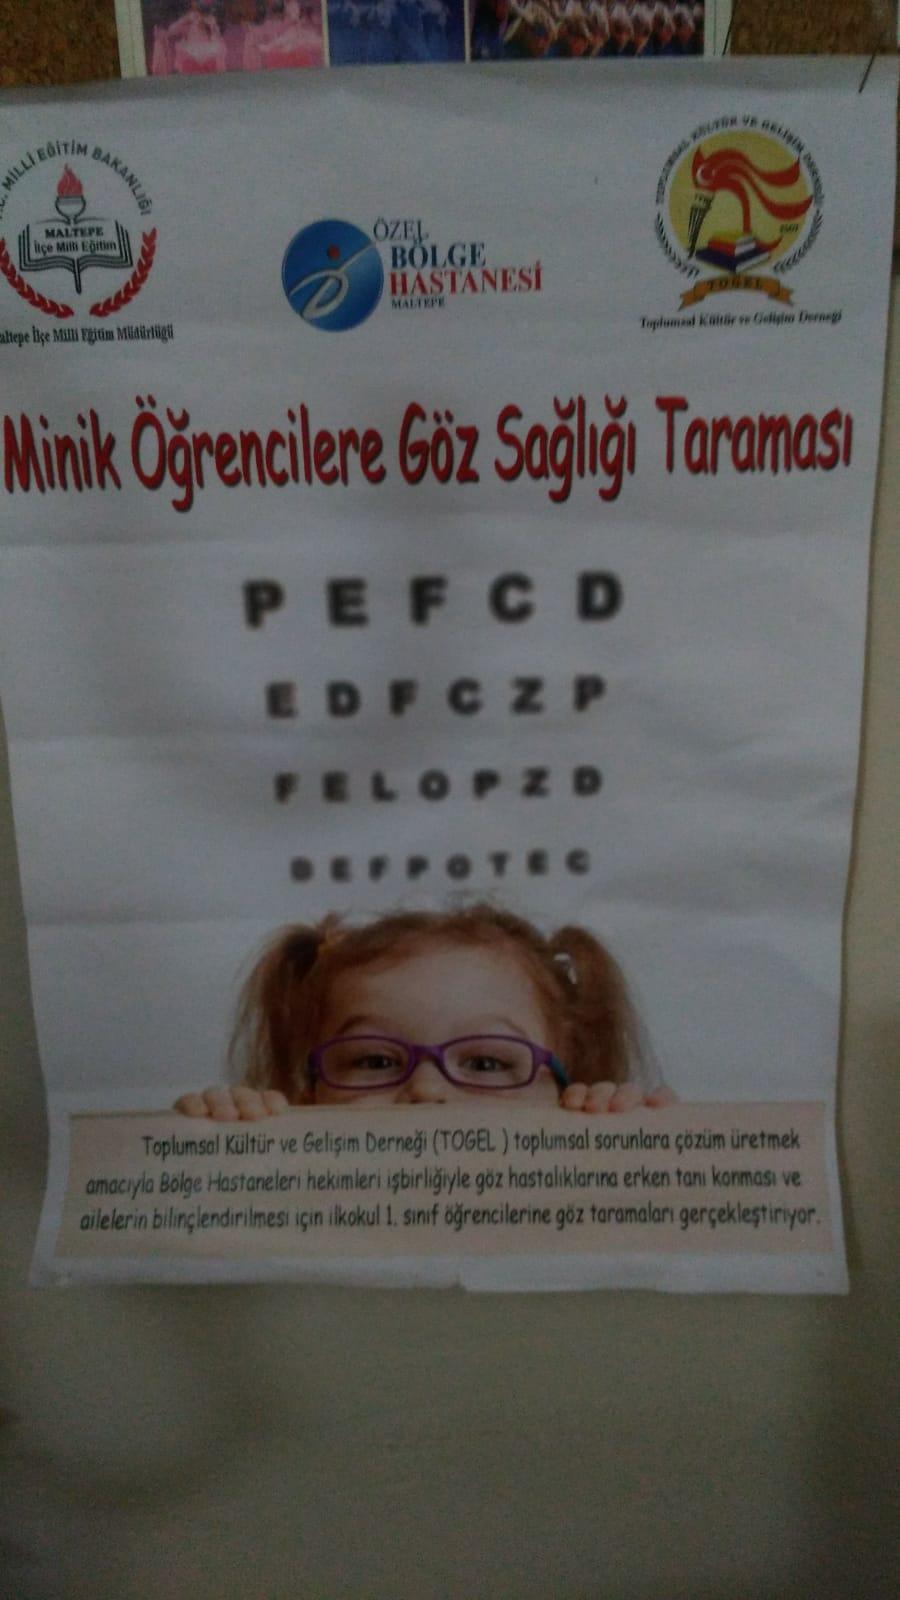 Minik Öğrencilere Göz Sağlığı Taraması